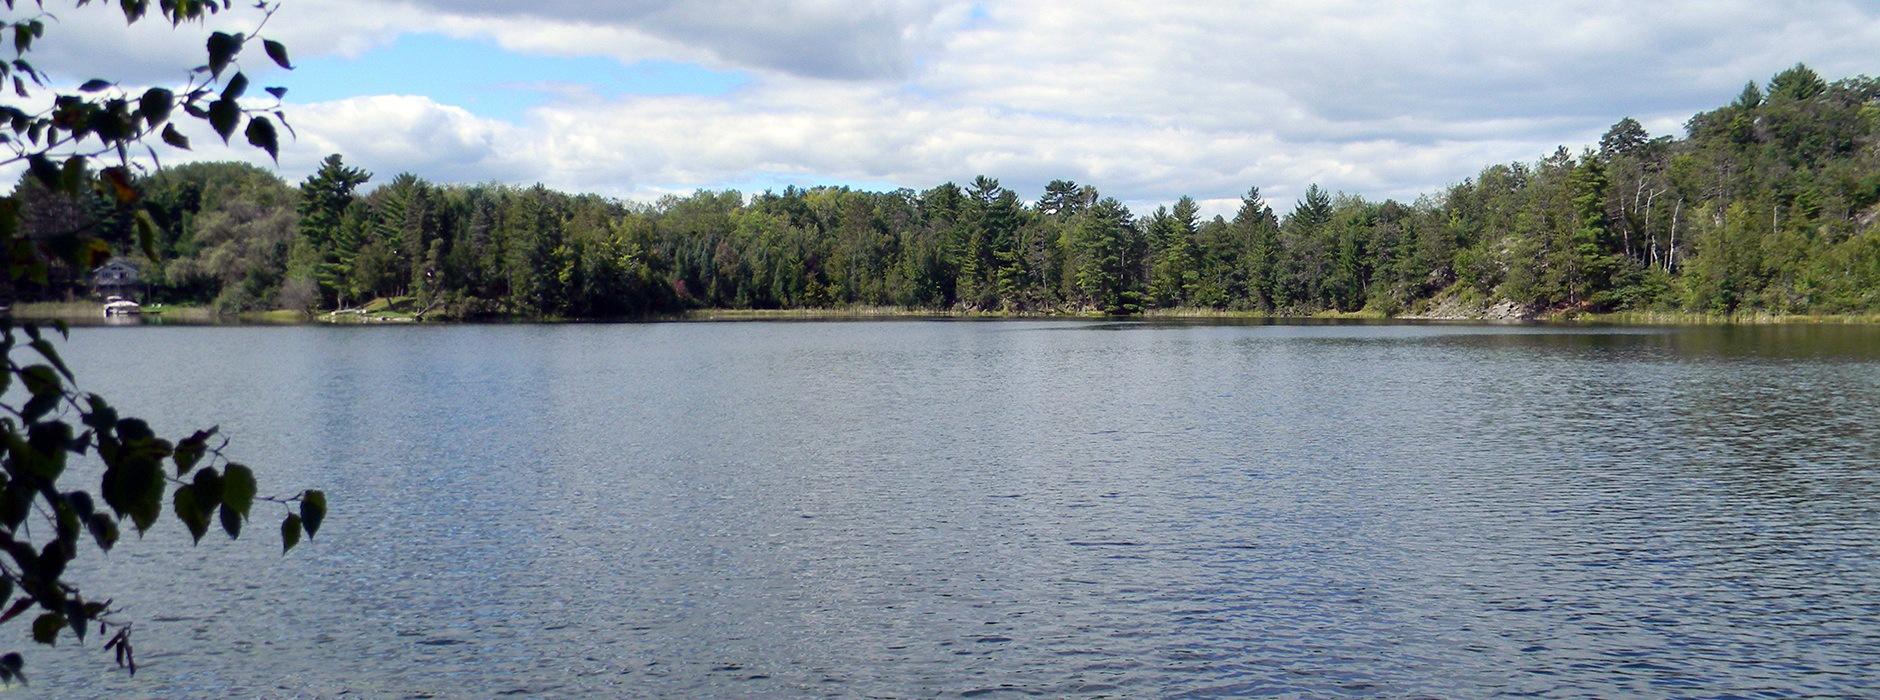 slider-WI-Lakefront-Property-1880×700